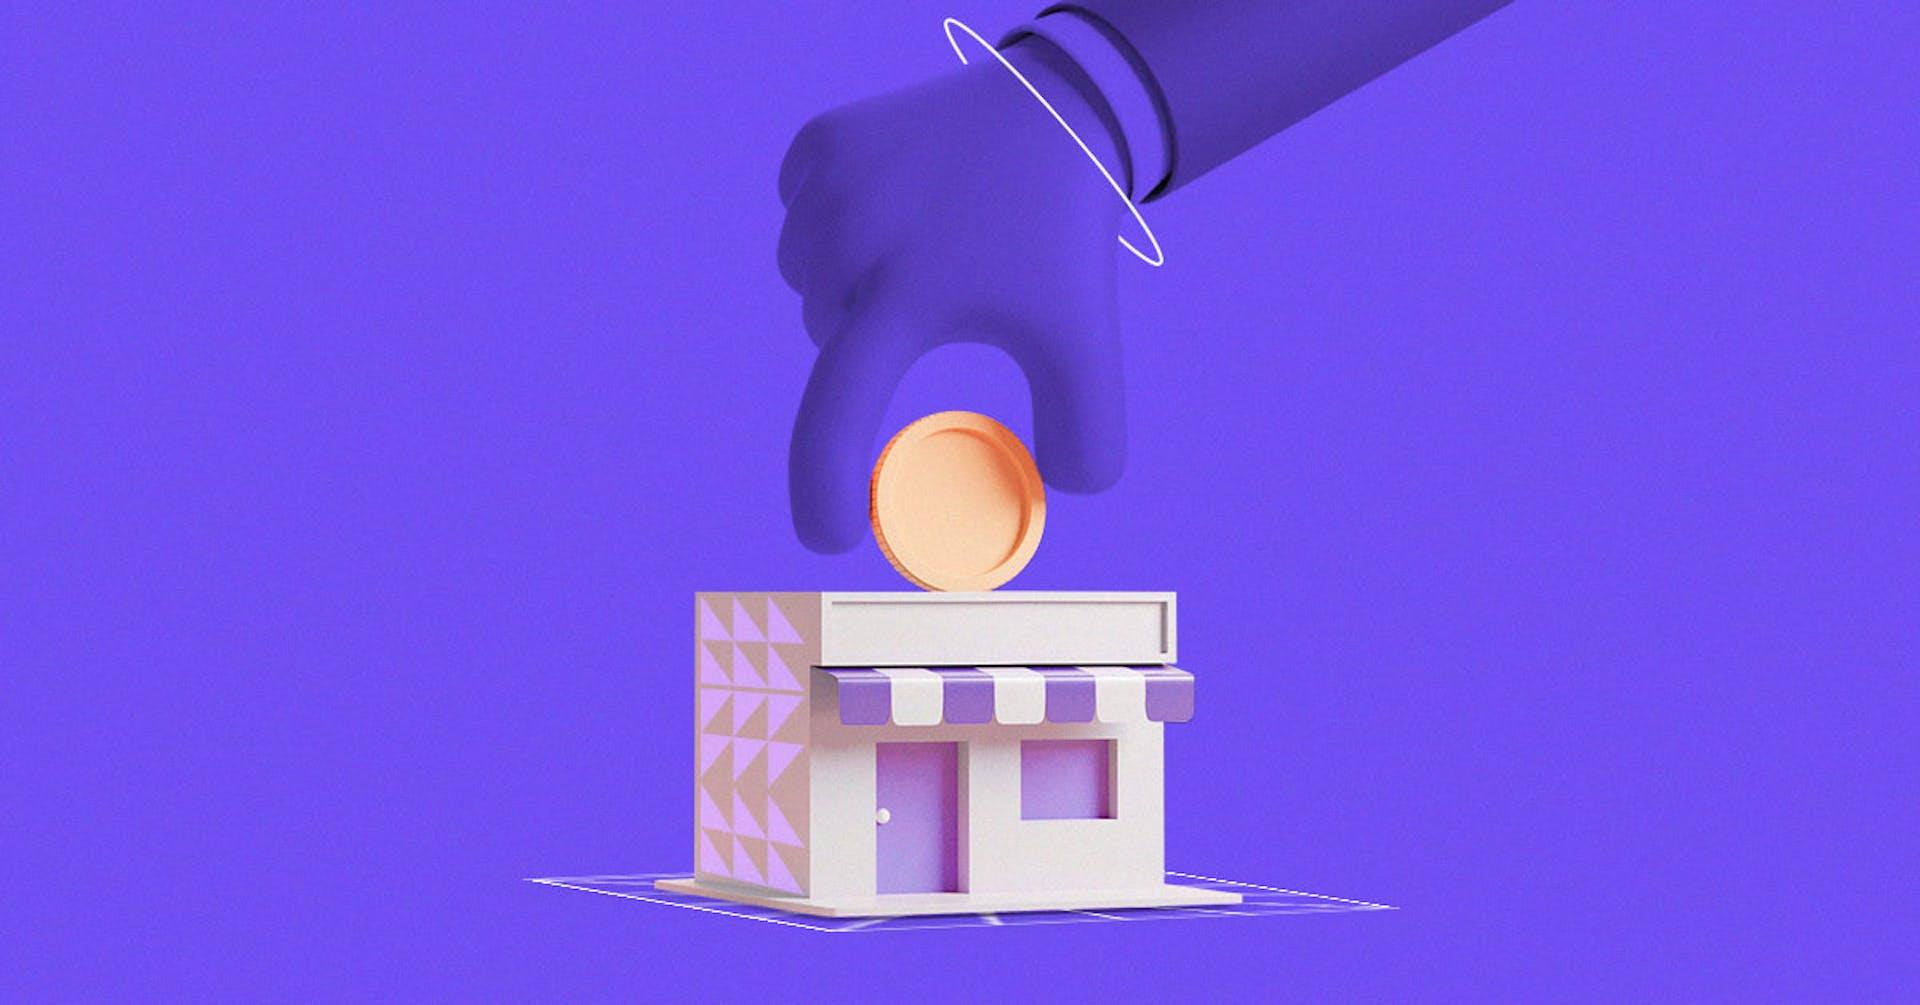 ¿Cómo captar clientes potenciales?: +5 consejos con estrategias efectivas para lograrlo